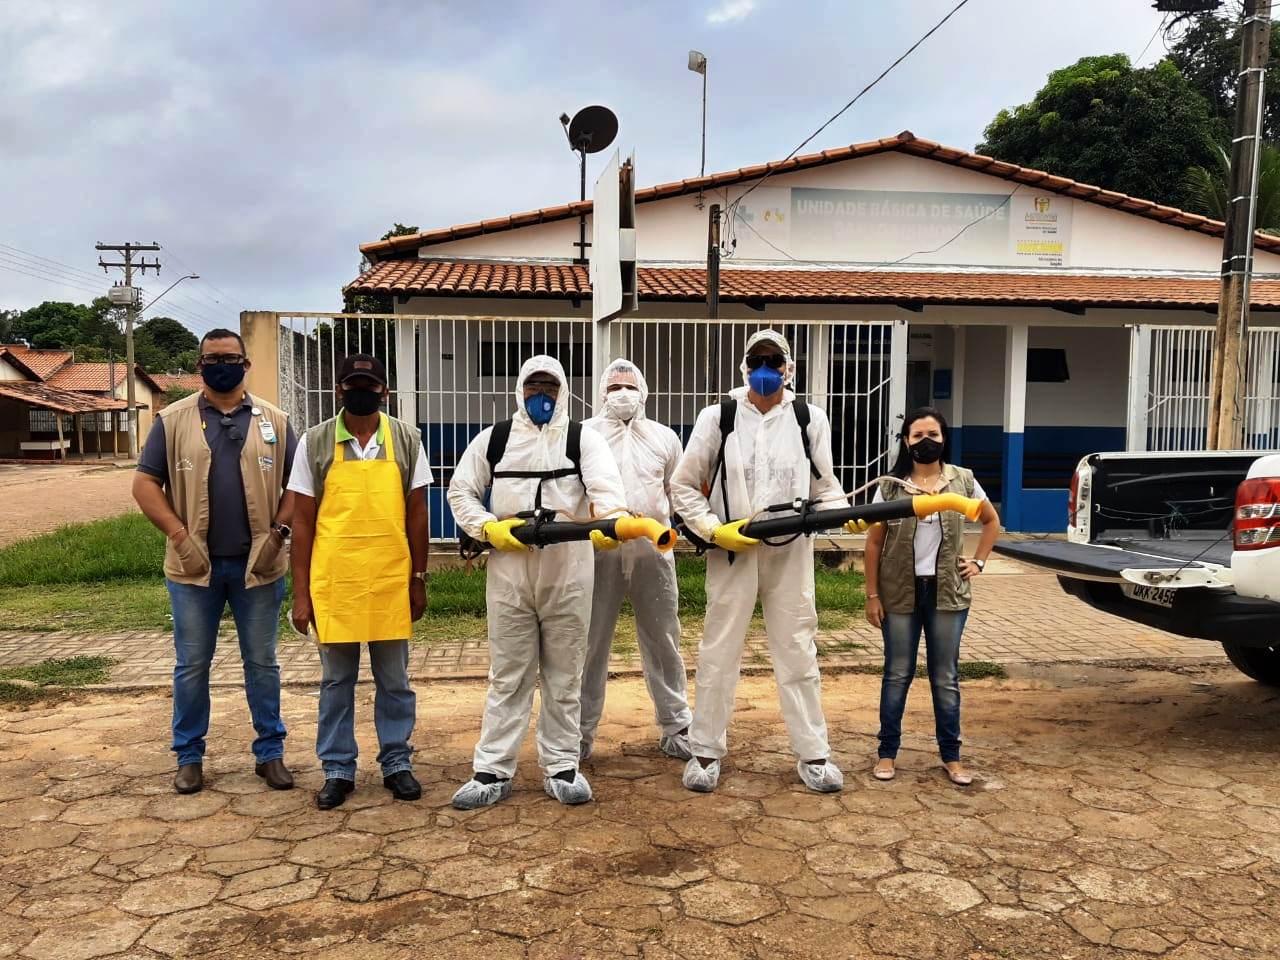 Prefeitura de Miracema realiza desinfecção das UBSs e do prédio da Companhia da Polícia Militar